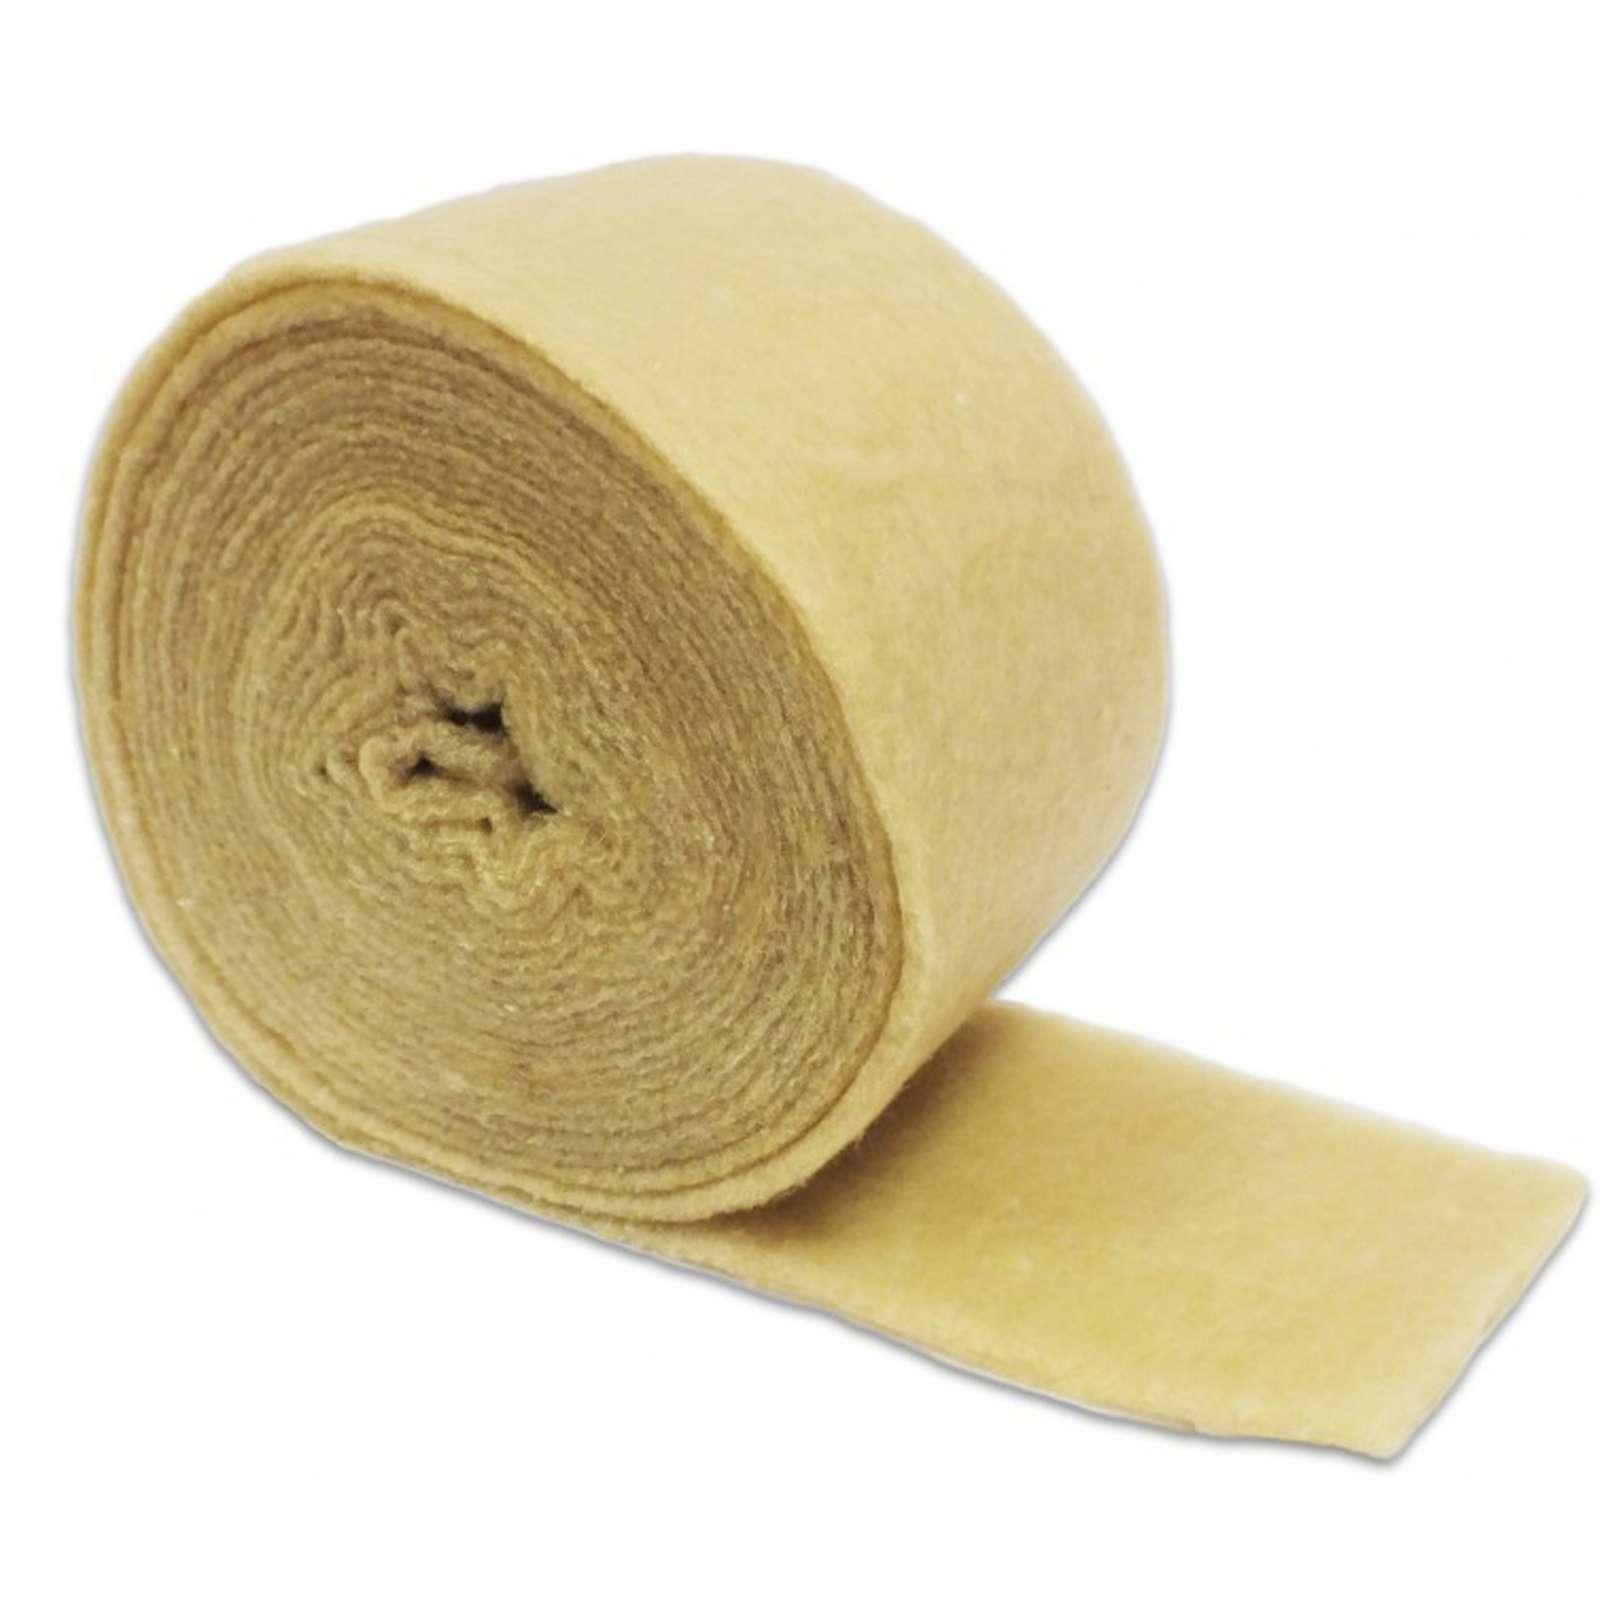 Джут: что это, из чего делают джутовые волокна и другие материалы и каковы их характеристики?